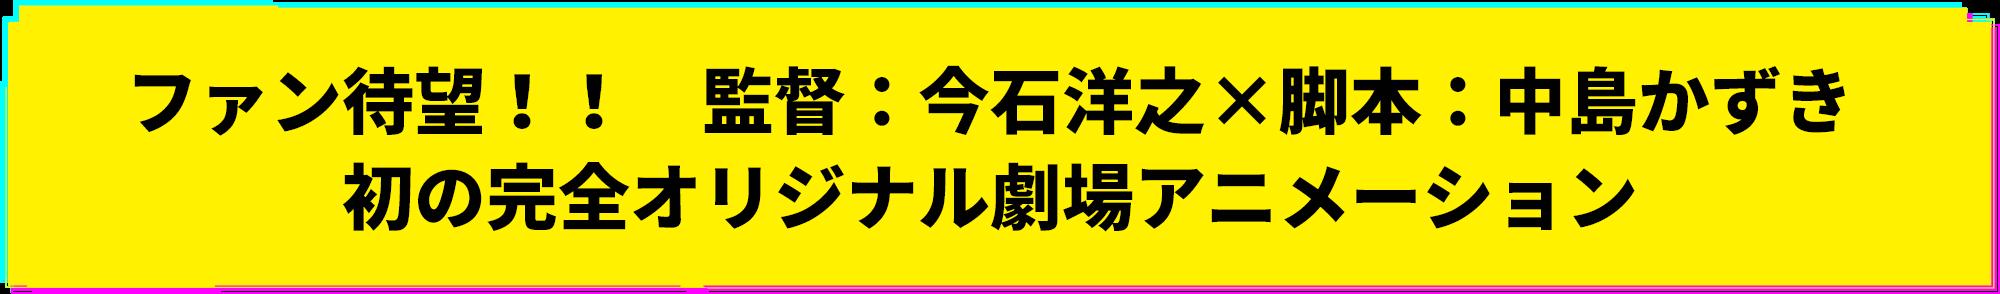 ファン待望!! 監督:今石洋之×脚本:中島かずき初の完全オリジナル劇場アニメーション